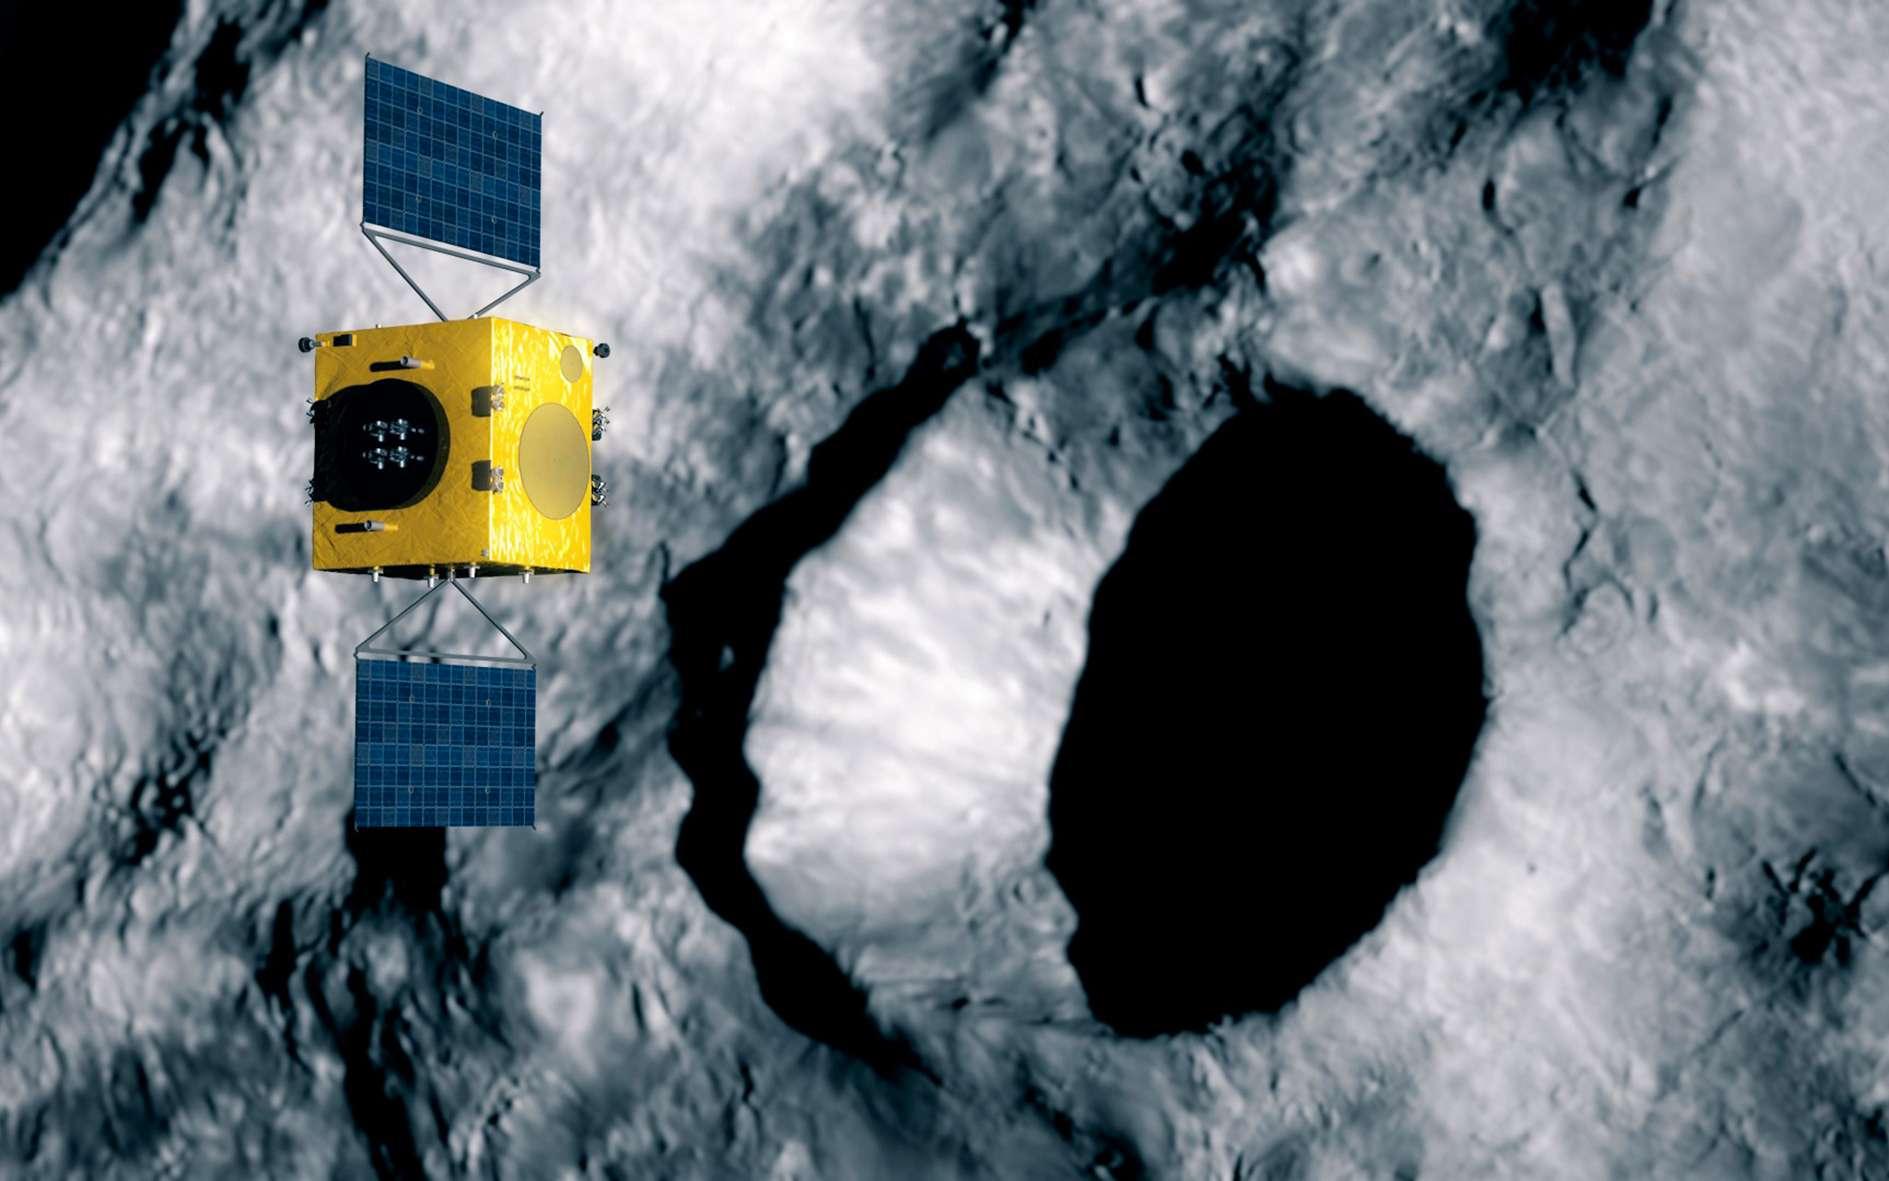 Le satellite Hera de l'Agence spatiale européenne étudiant le cratère formé par le satellite Dart de la Nasa sur l'astéroïde Didymos. © ESA, Science Office